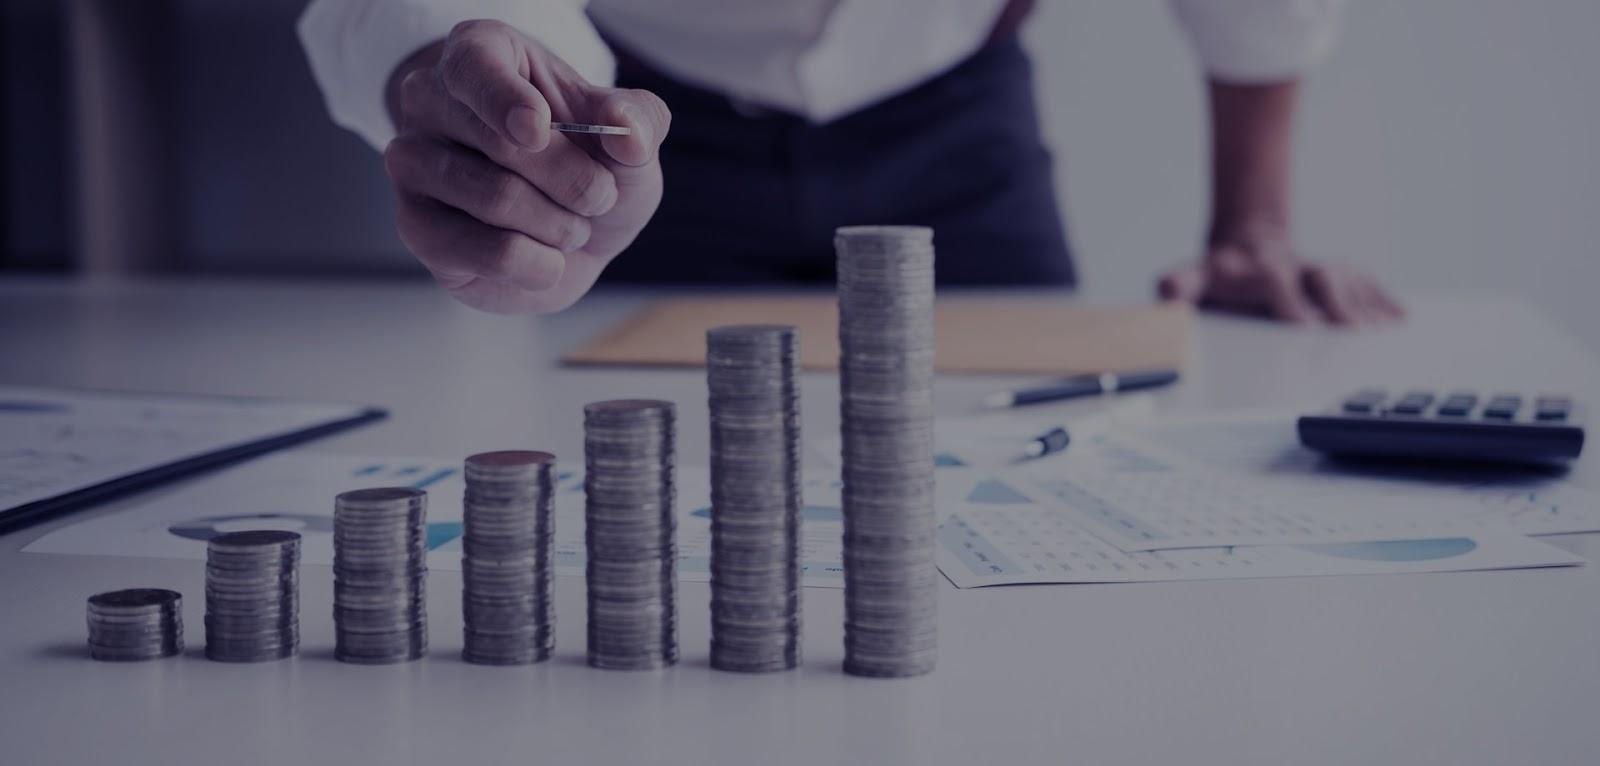 Заработок на сервисах микроинвестирования: возможно ли это? обзор